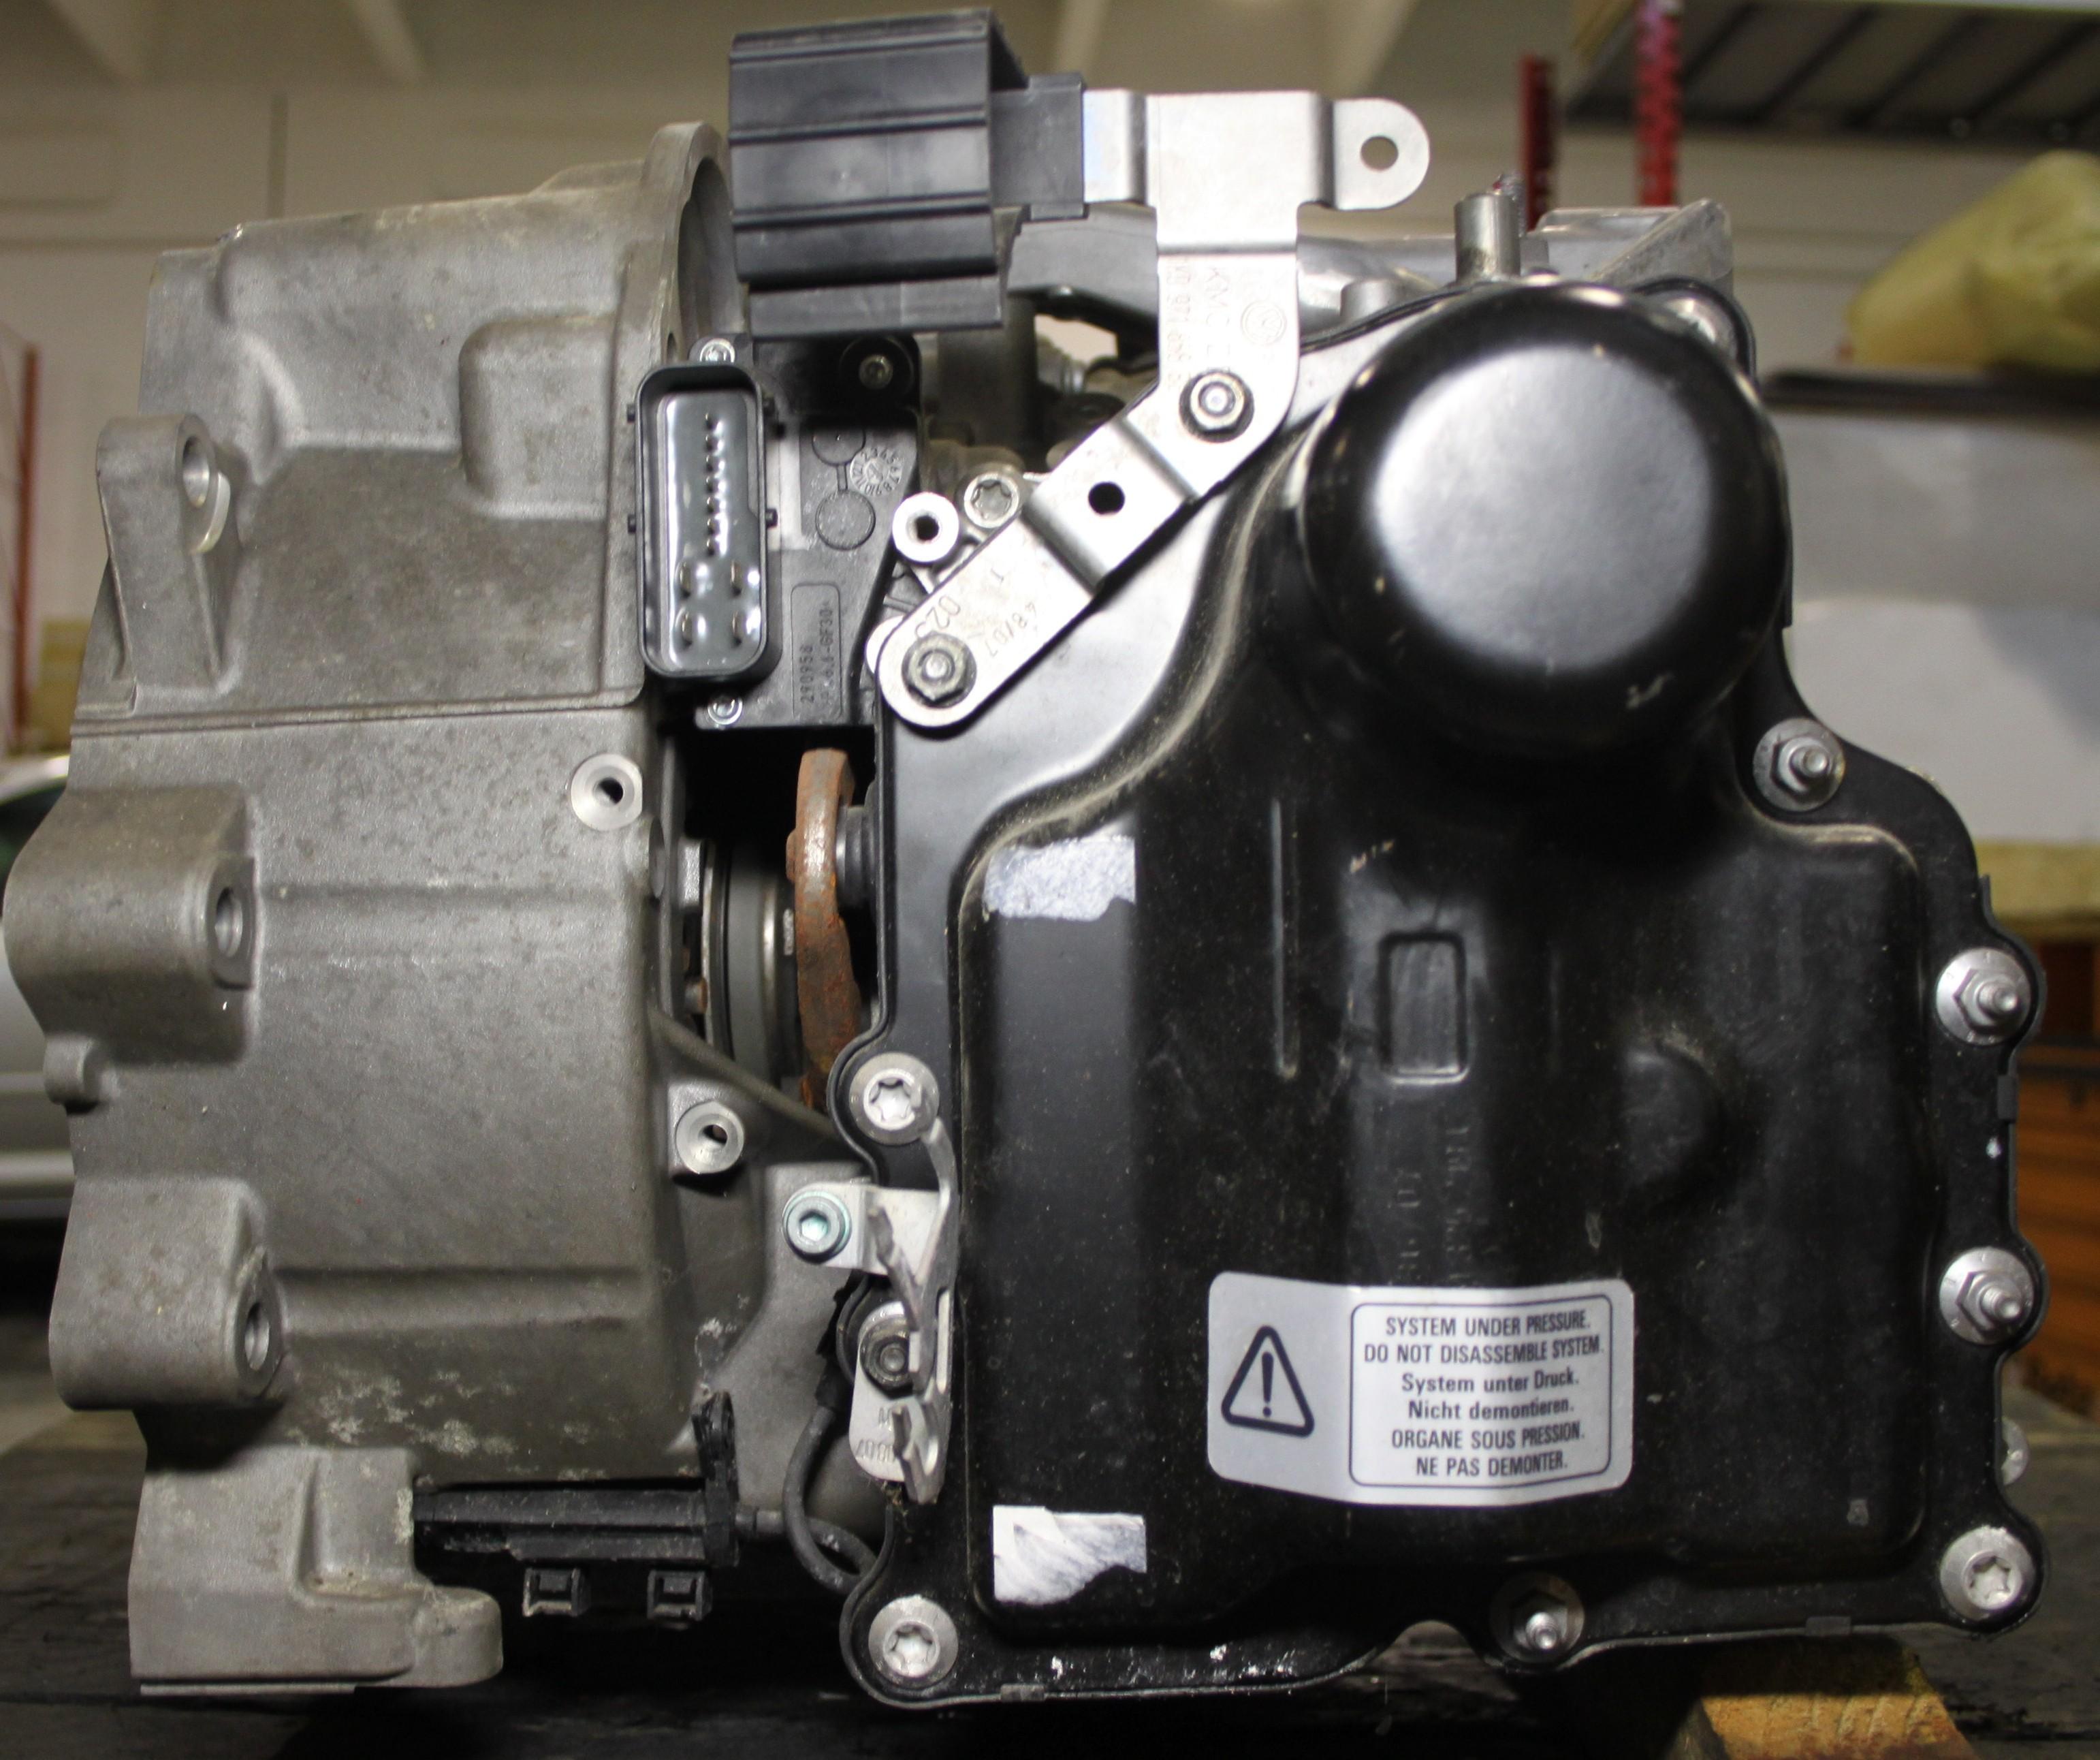 Avarie alla meccatronica dsg 7 marce notiziario motoristico - Dsg 7 marce bagno d olio ...